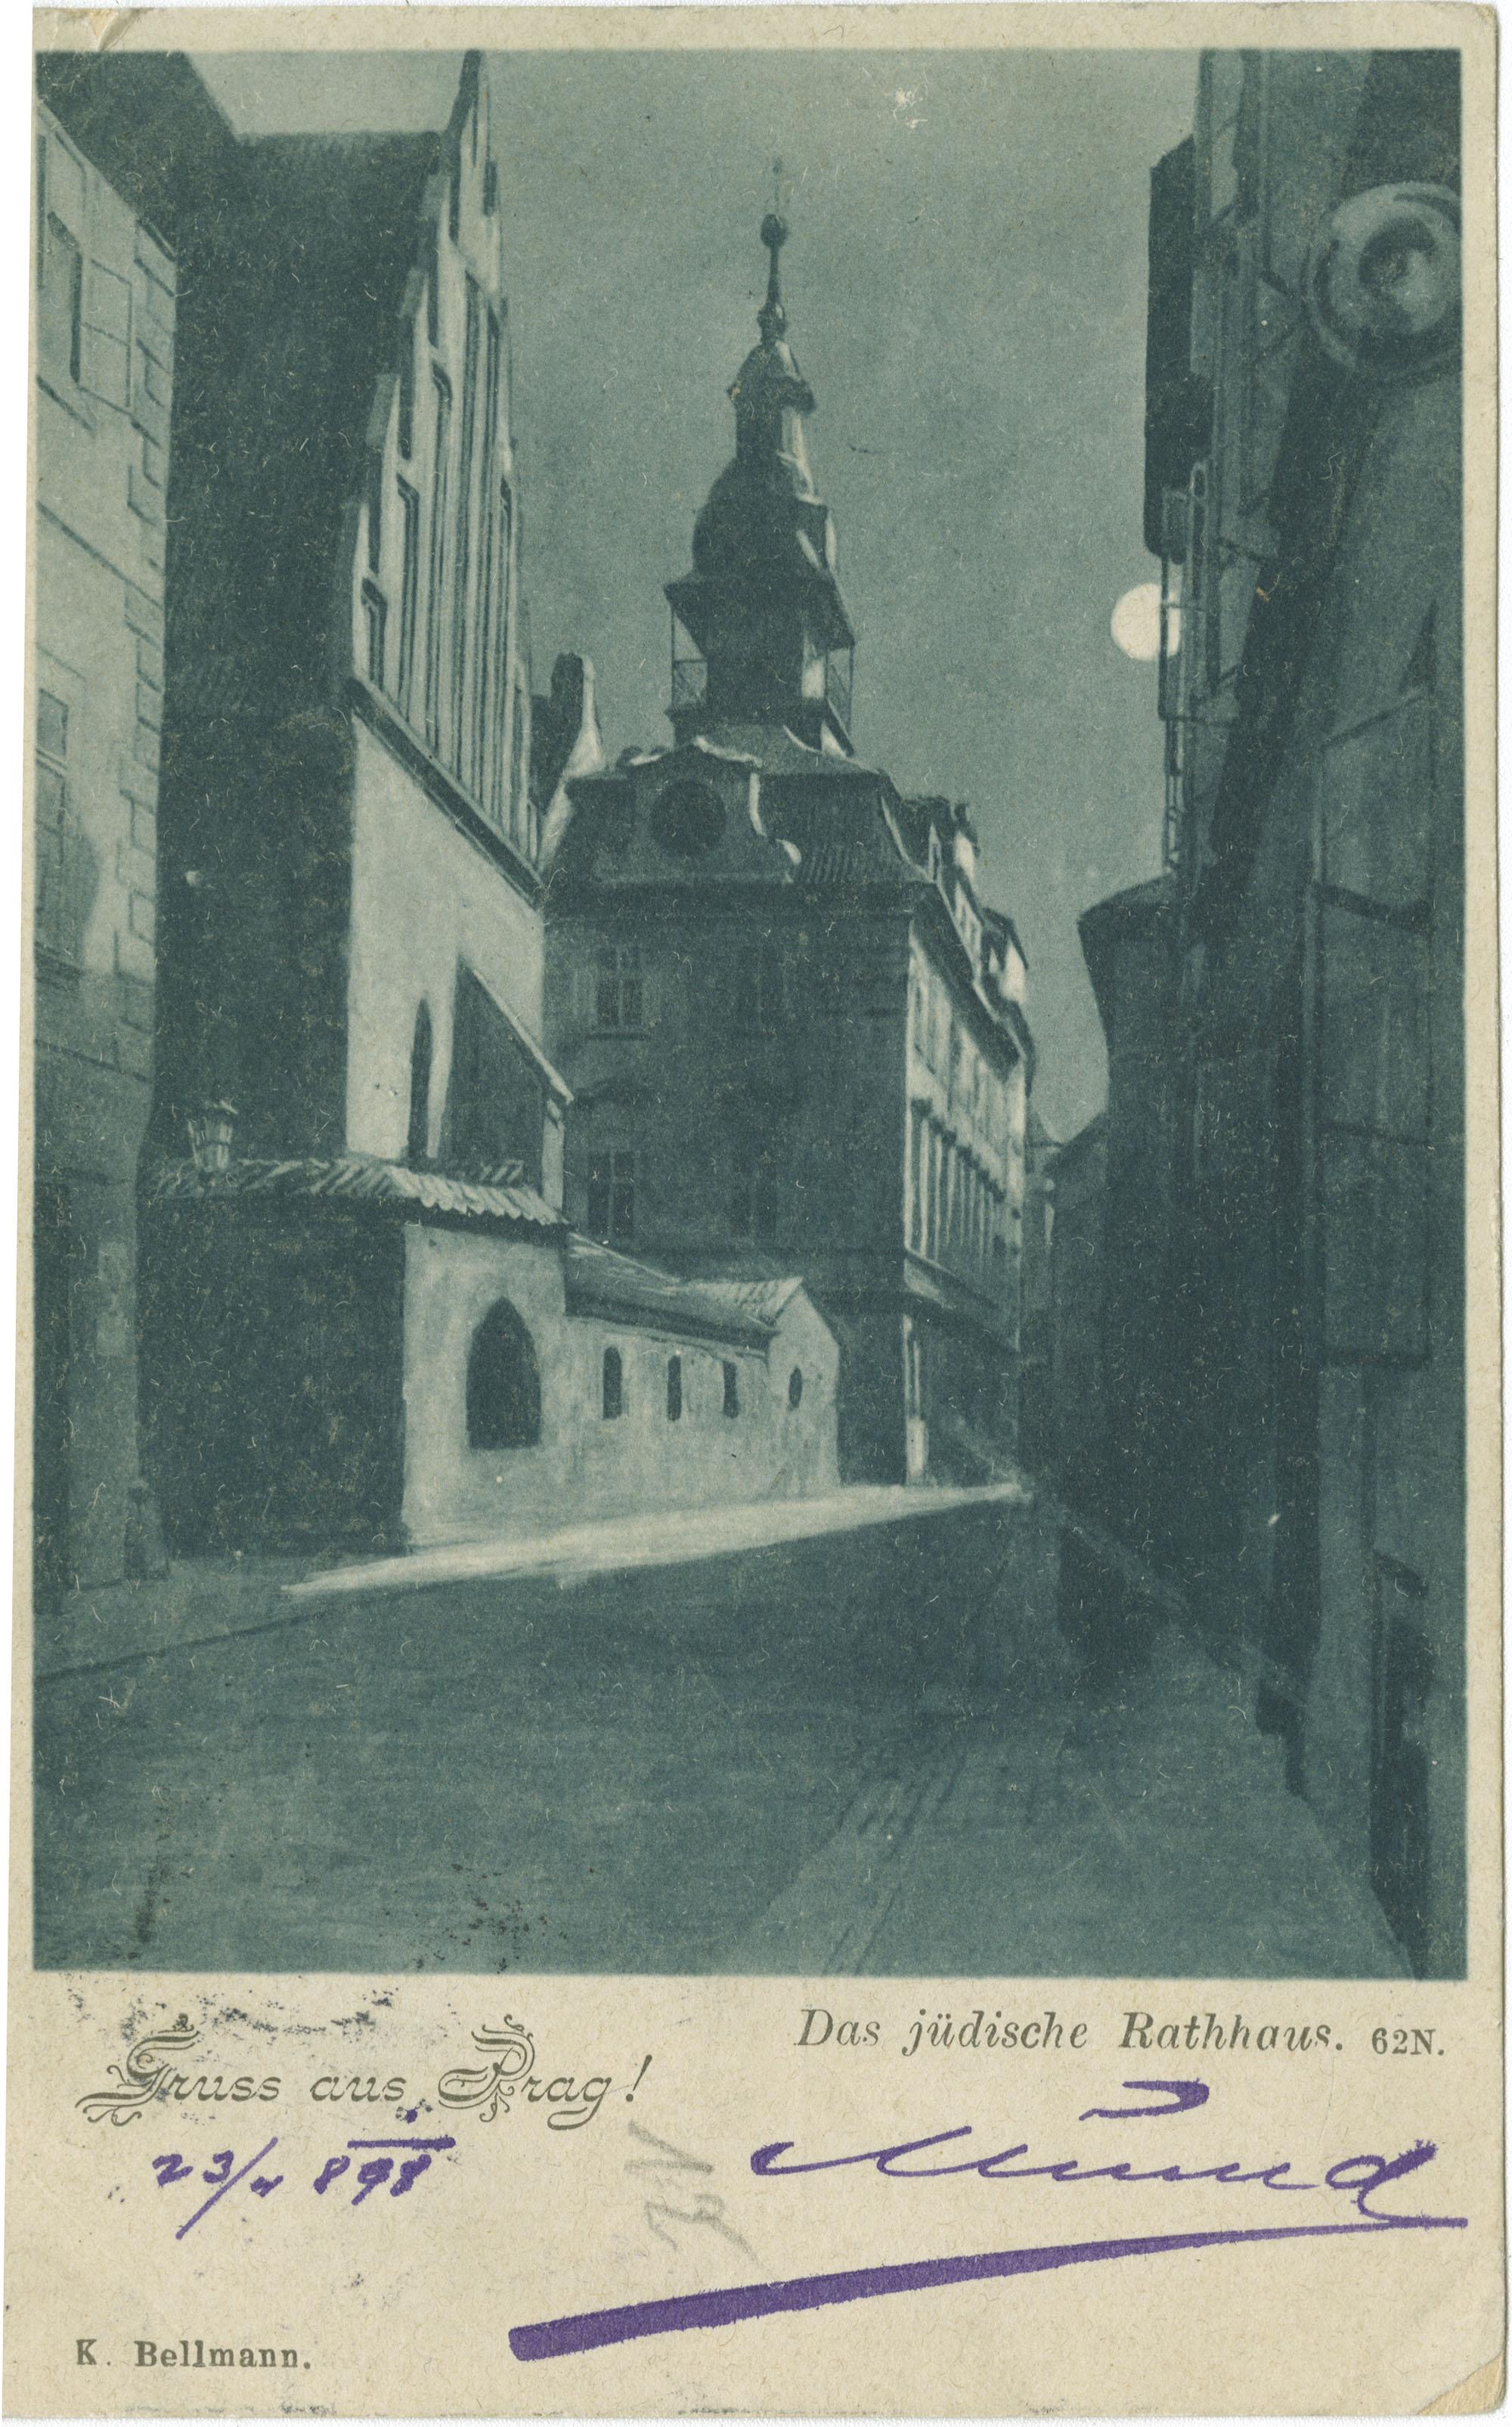 Das jüdische Rathaus